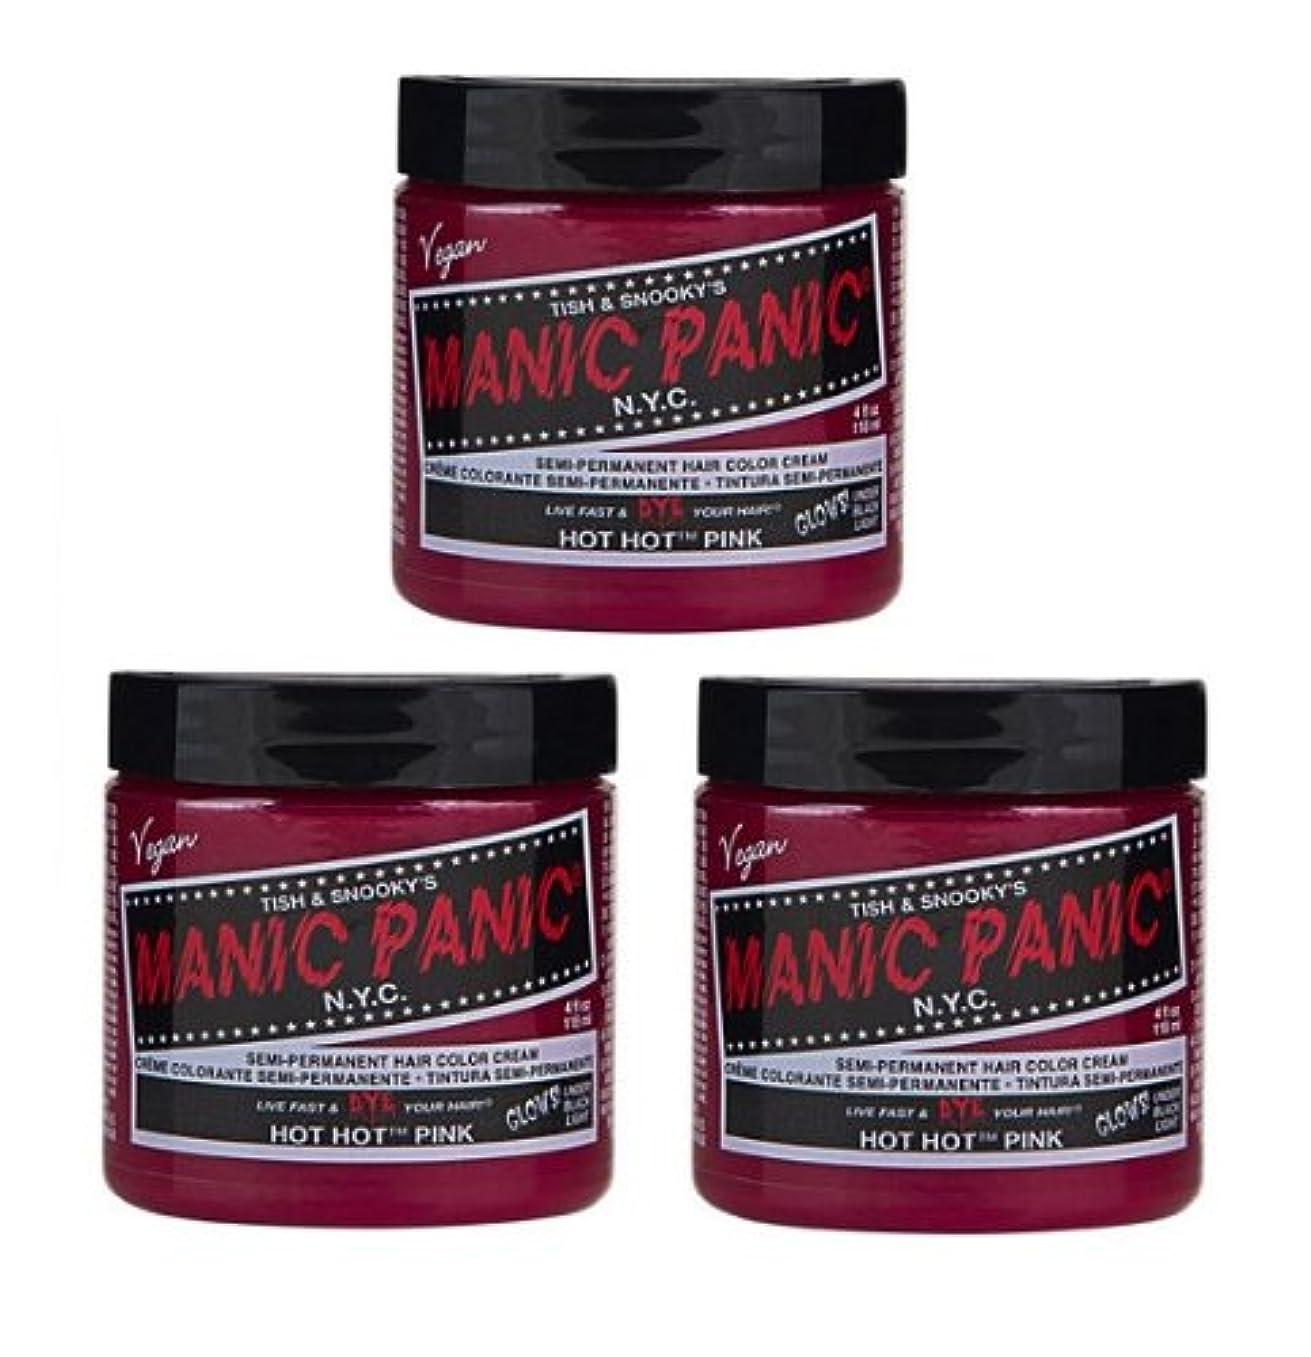 サーバントグリーンランド手段【3個セット】MANIC PANIC マニックパニック Hot Hot Pink ホットホットピンク 118ml